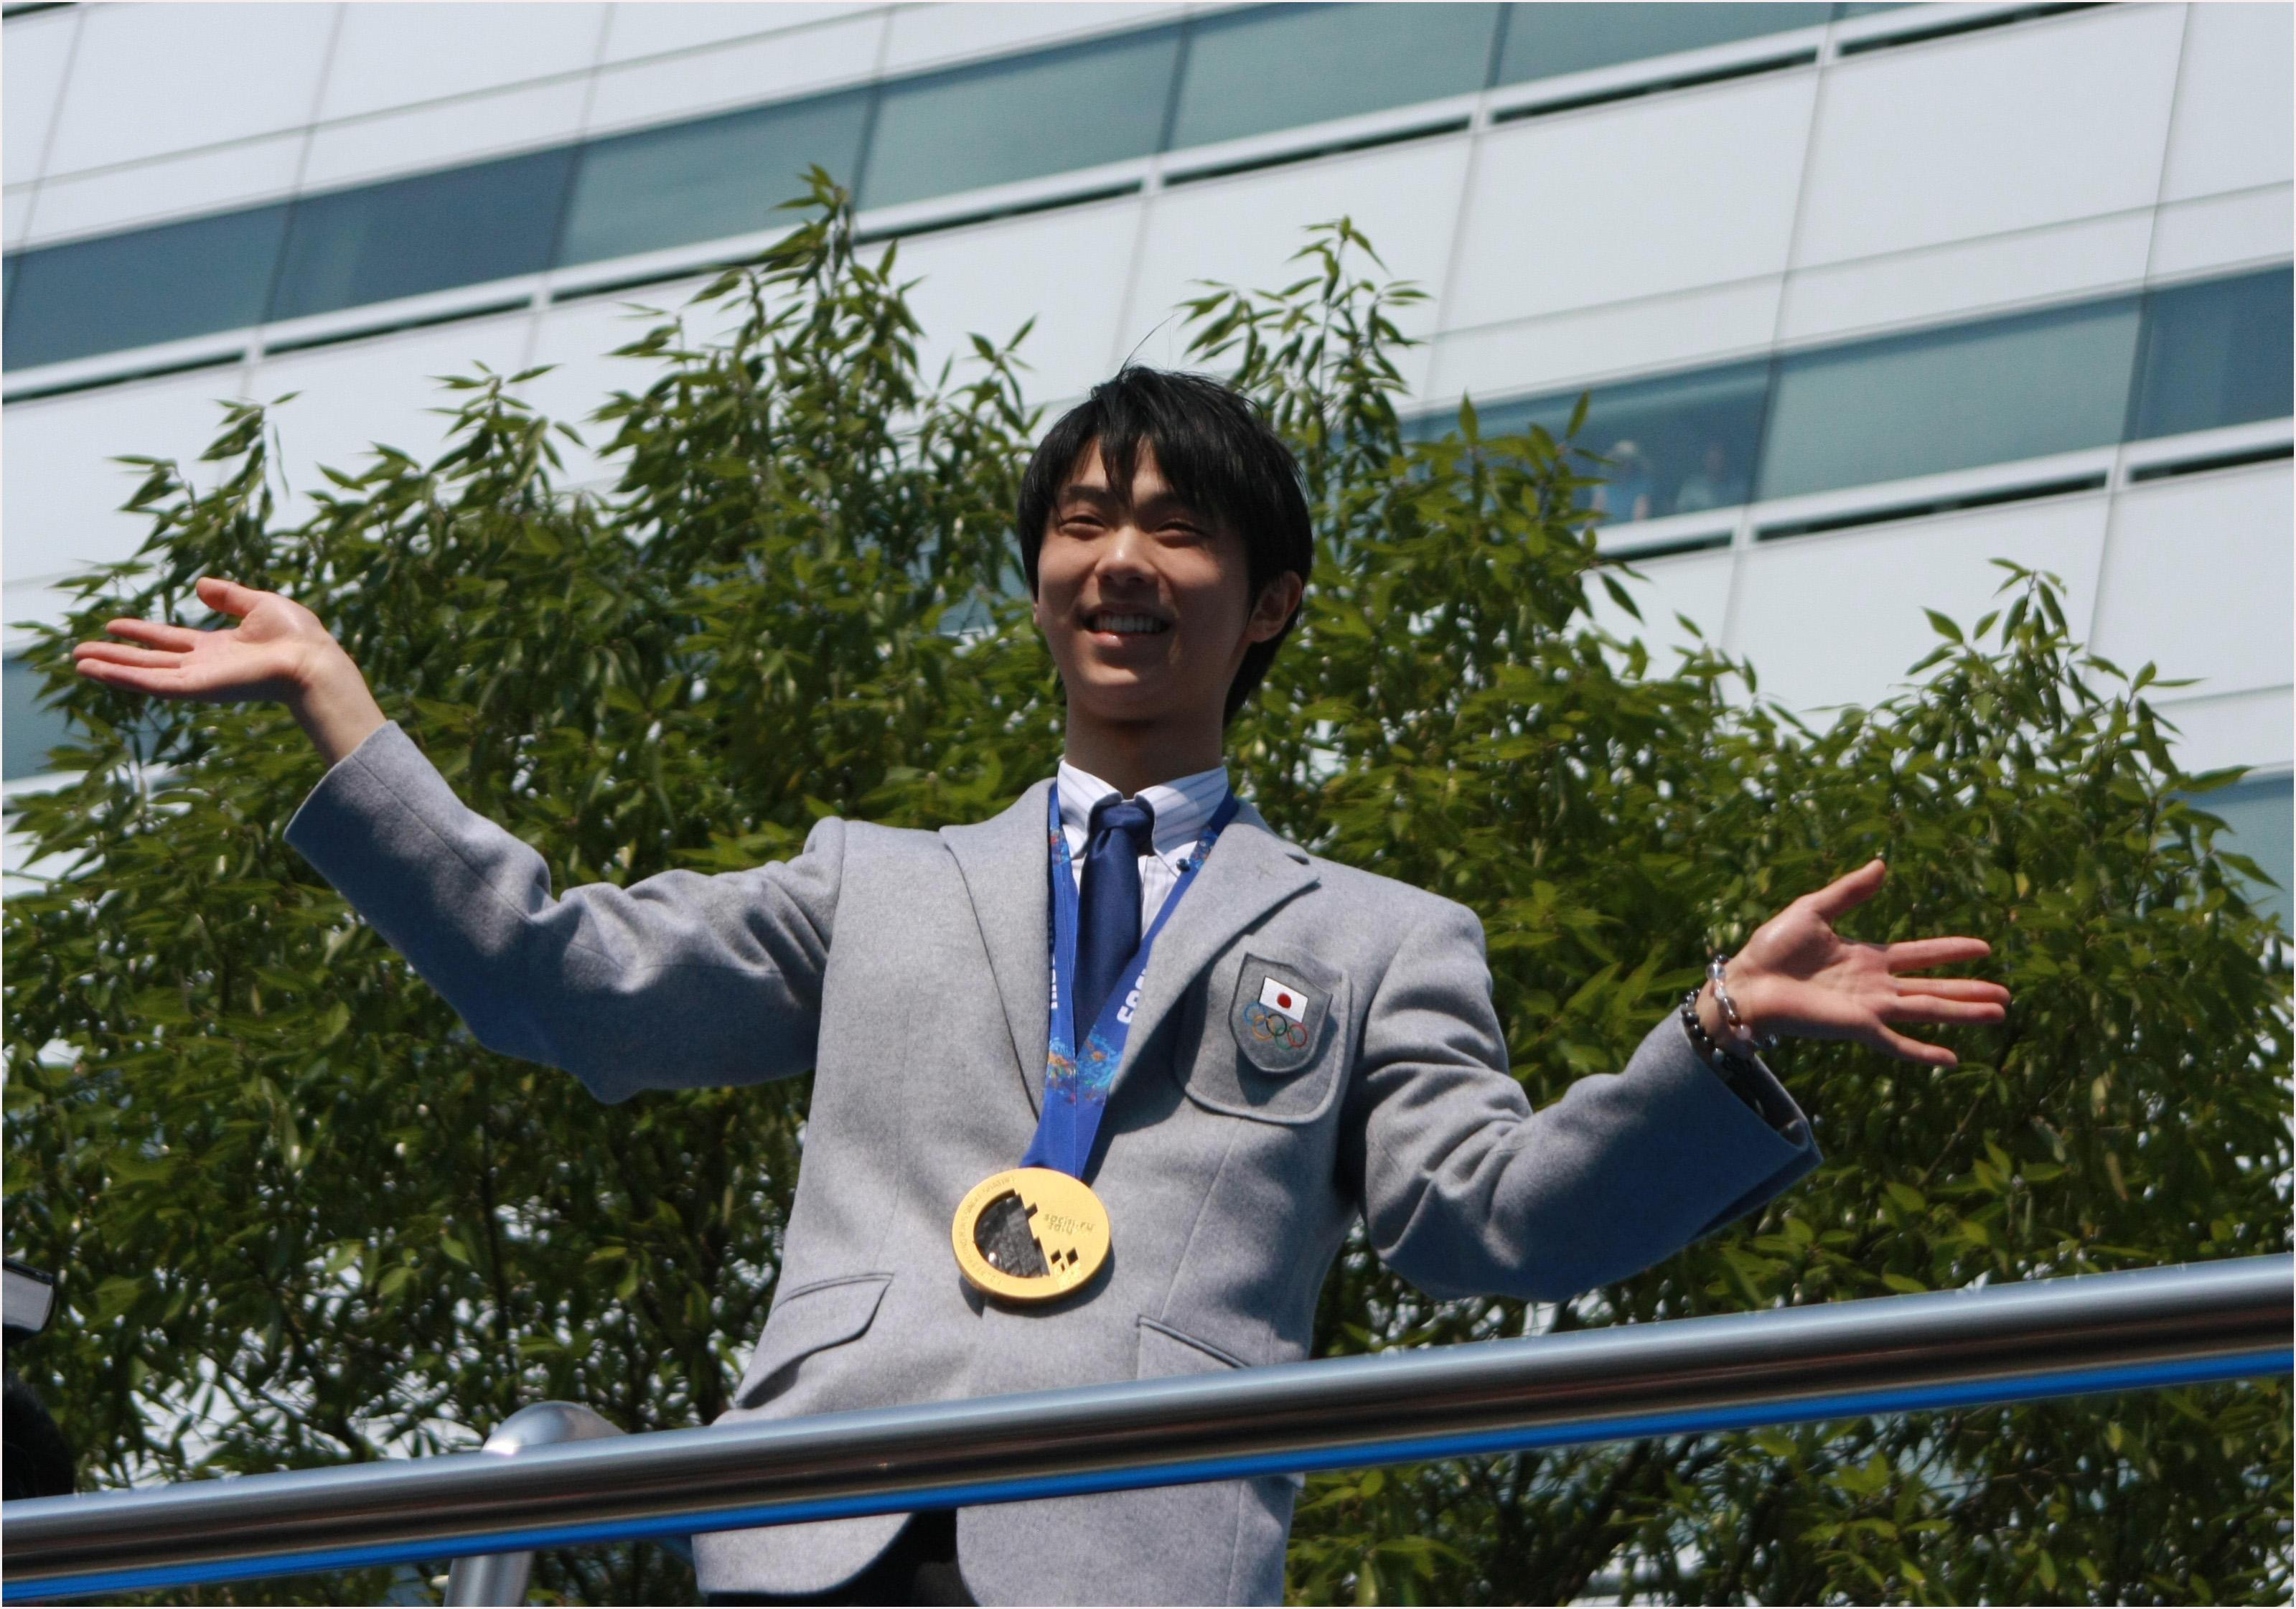 羽生結弦選手の偉業を祝うパレードが地元の仙台市で4月22日を軸に最終調整!